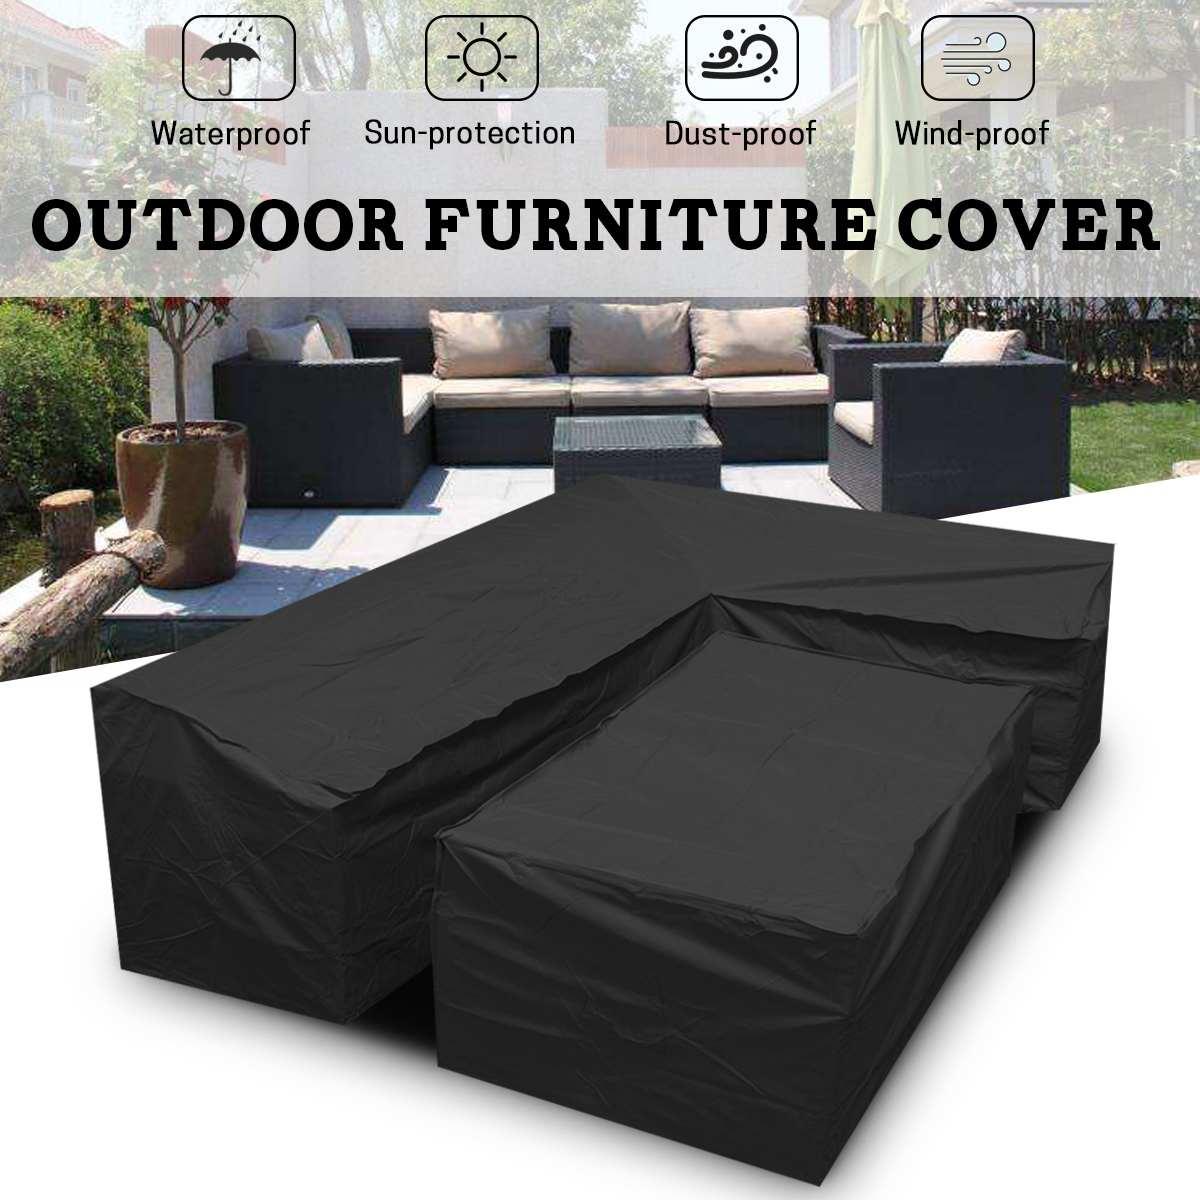 2 pièces imperméable extérieur Patio jardin L forme meubles couvre pluie neige chaise couvre canapé Table chaise étanche à la poussière protecteur couverture